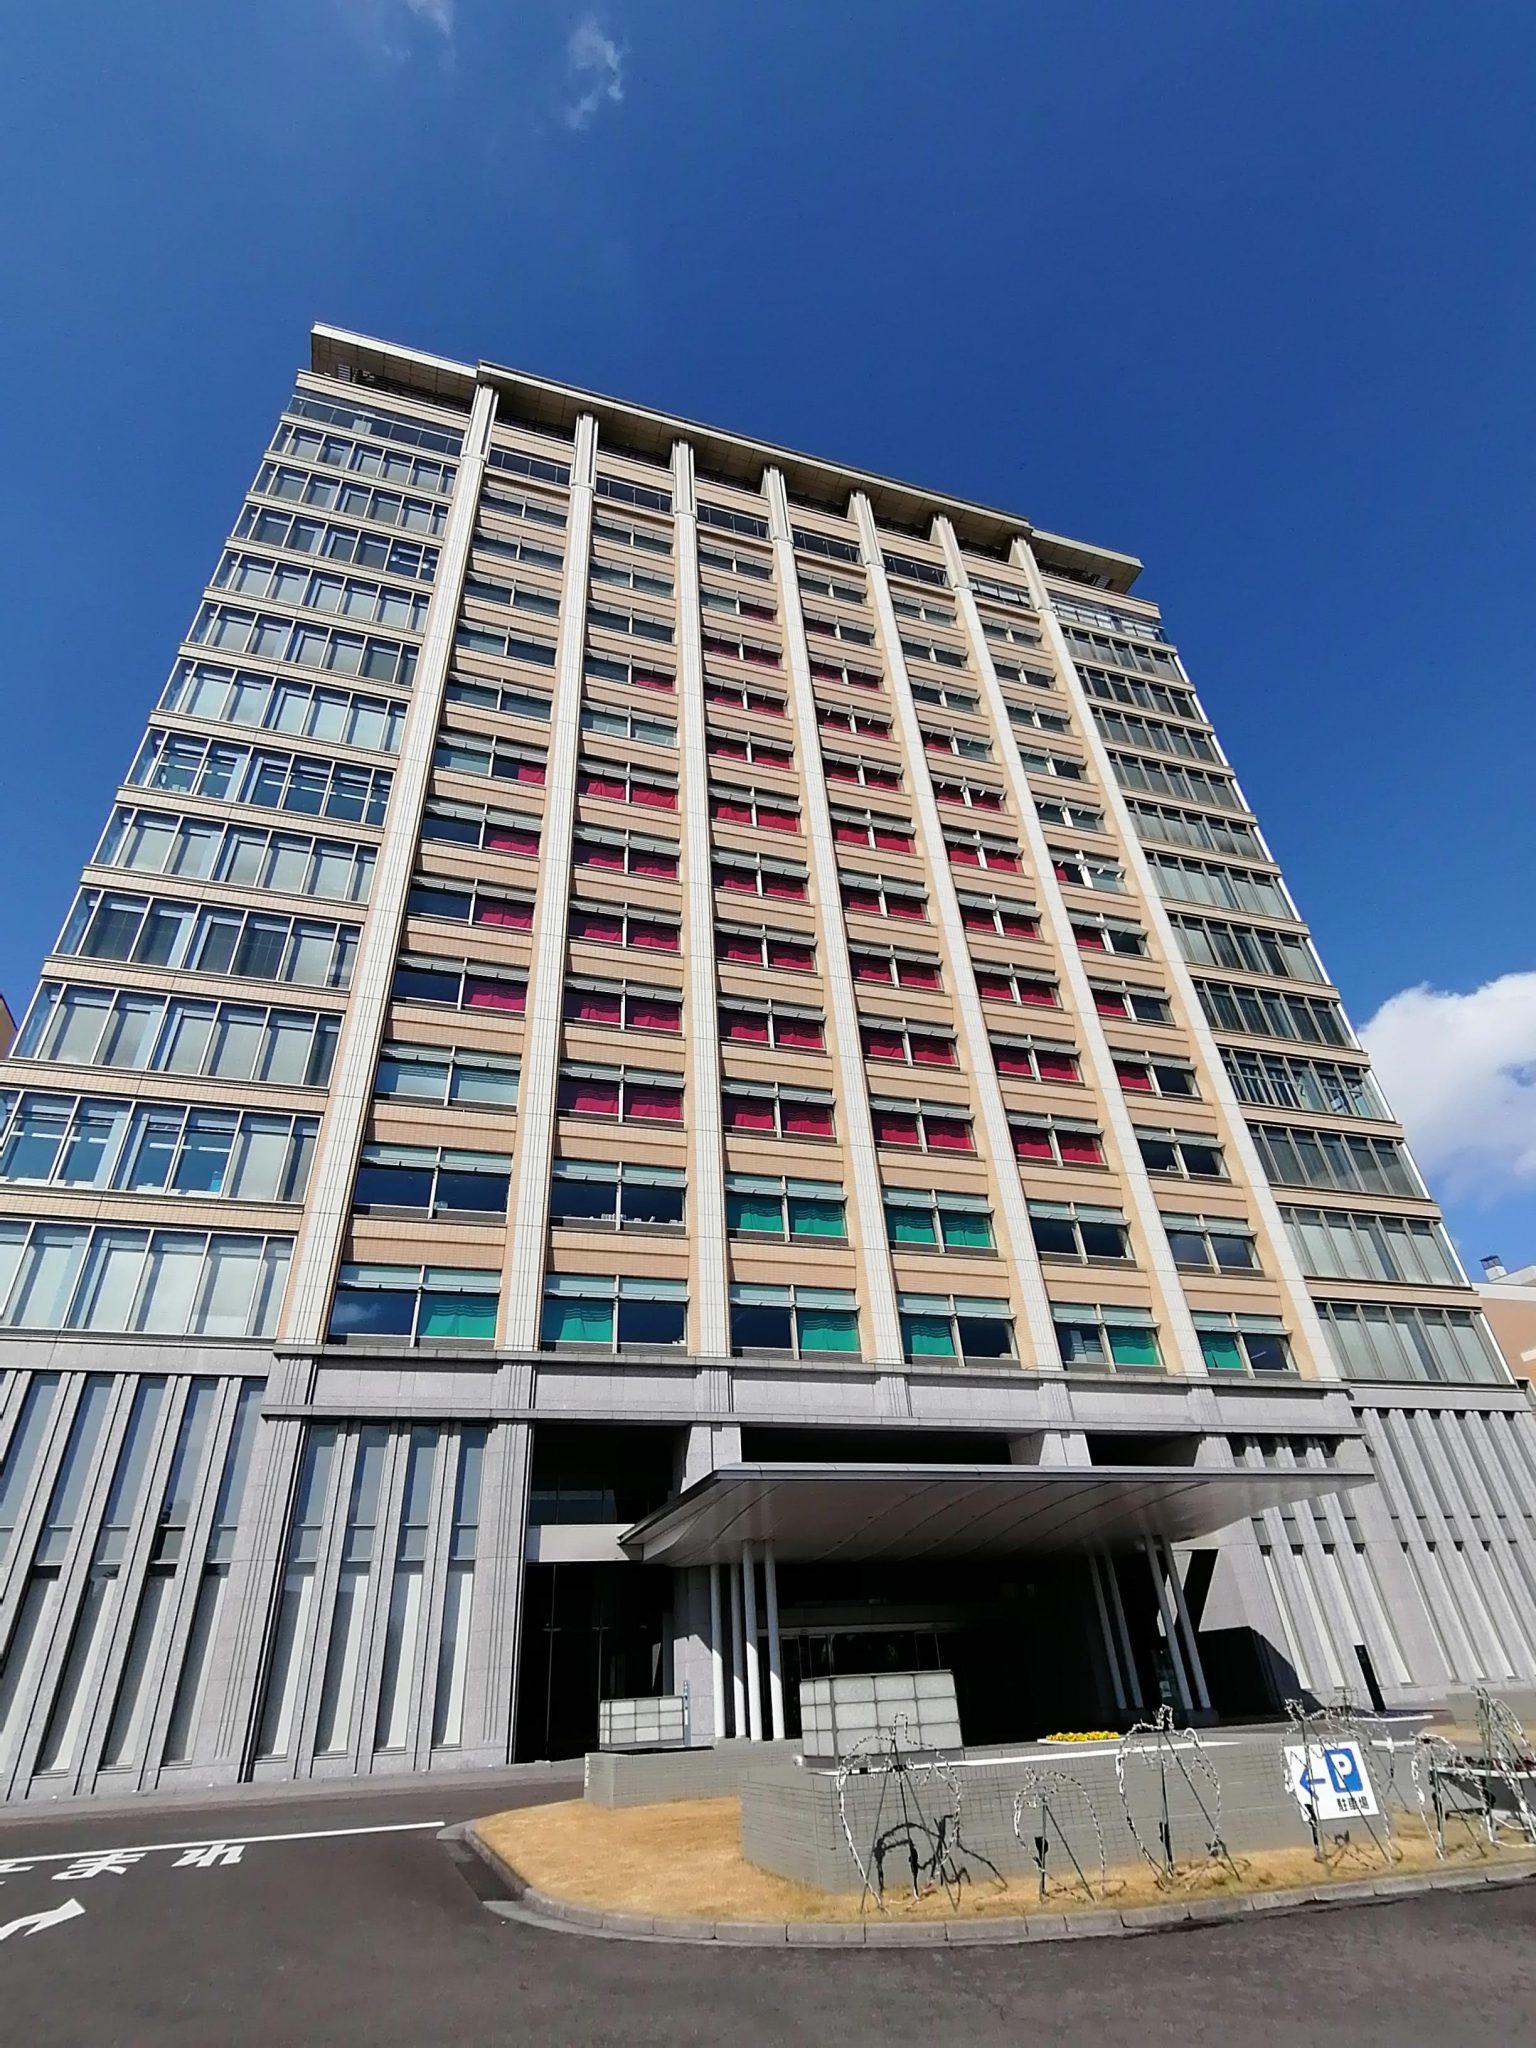 栃木県で四例目の新型コロナウイルス感染者確認、ポルトガル旅行帰りの50代夫婦